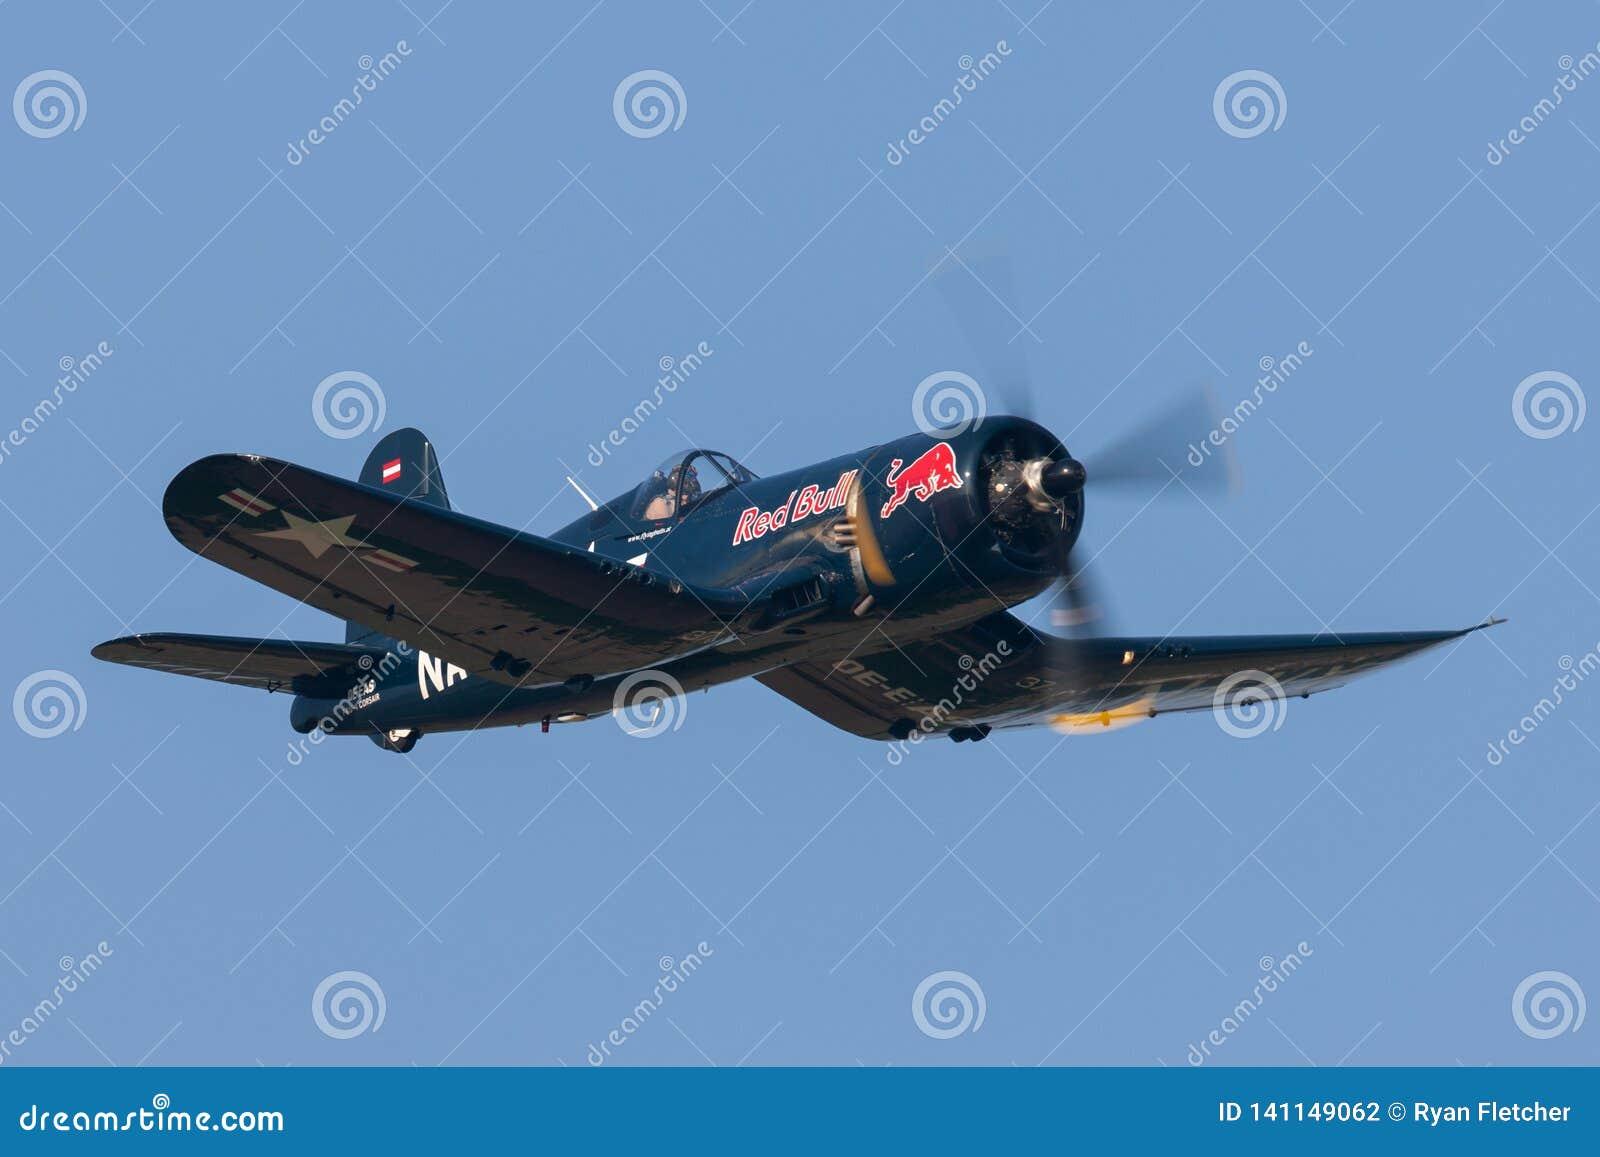 Vought F4U-4 Corsair World War II Vintage Fighter Aircraft